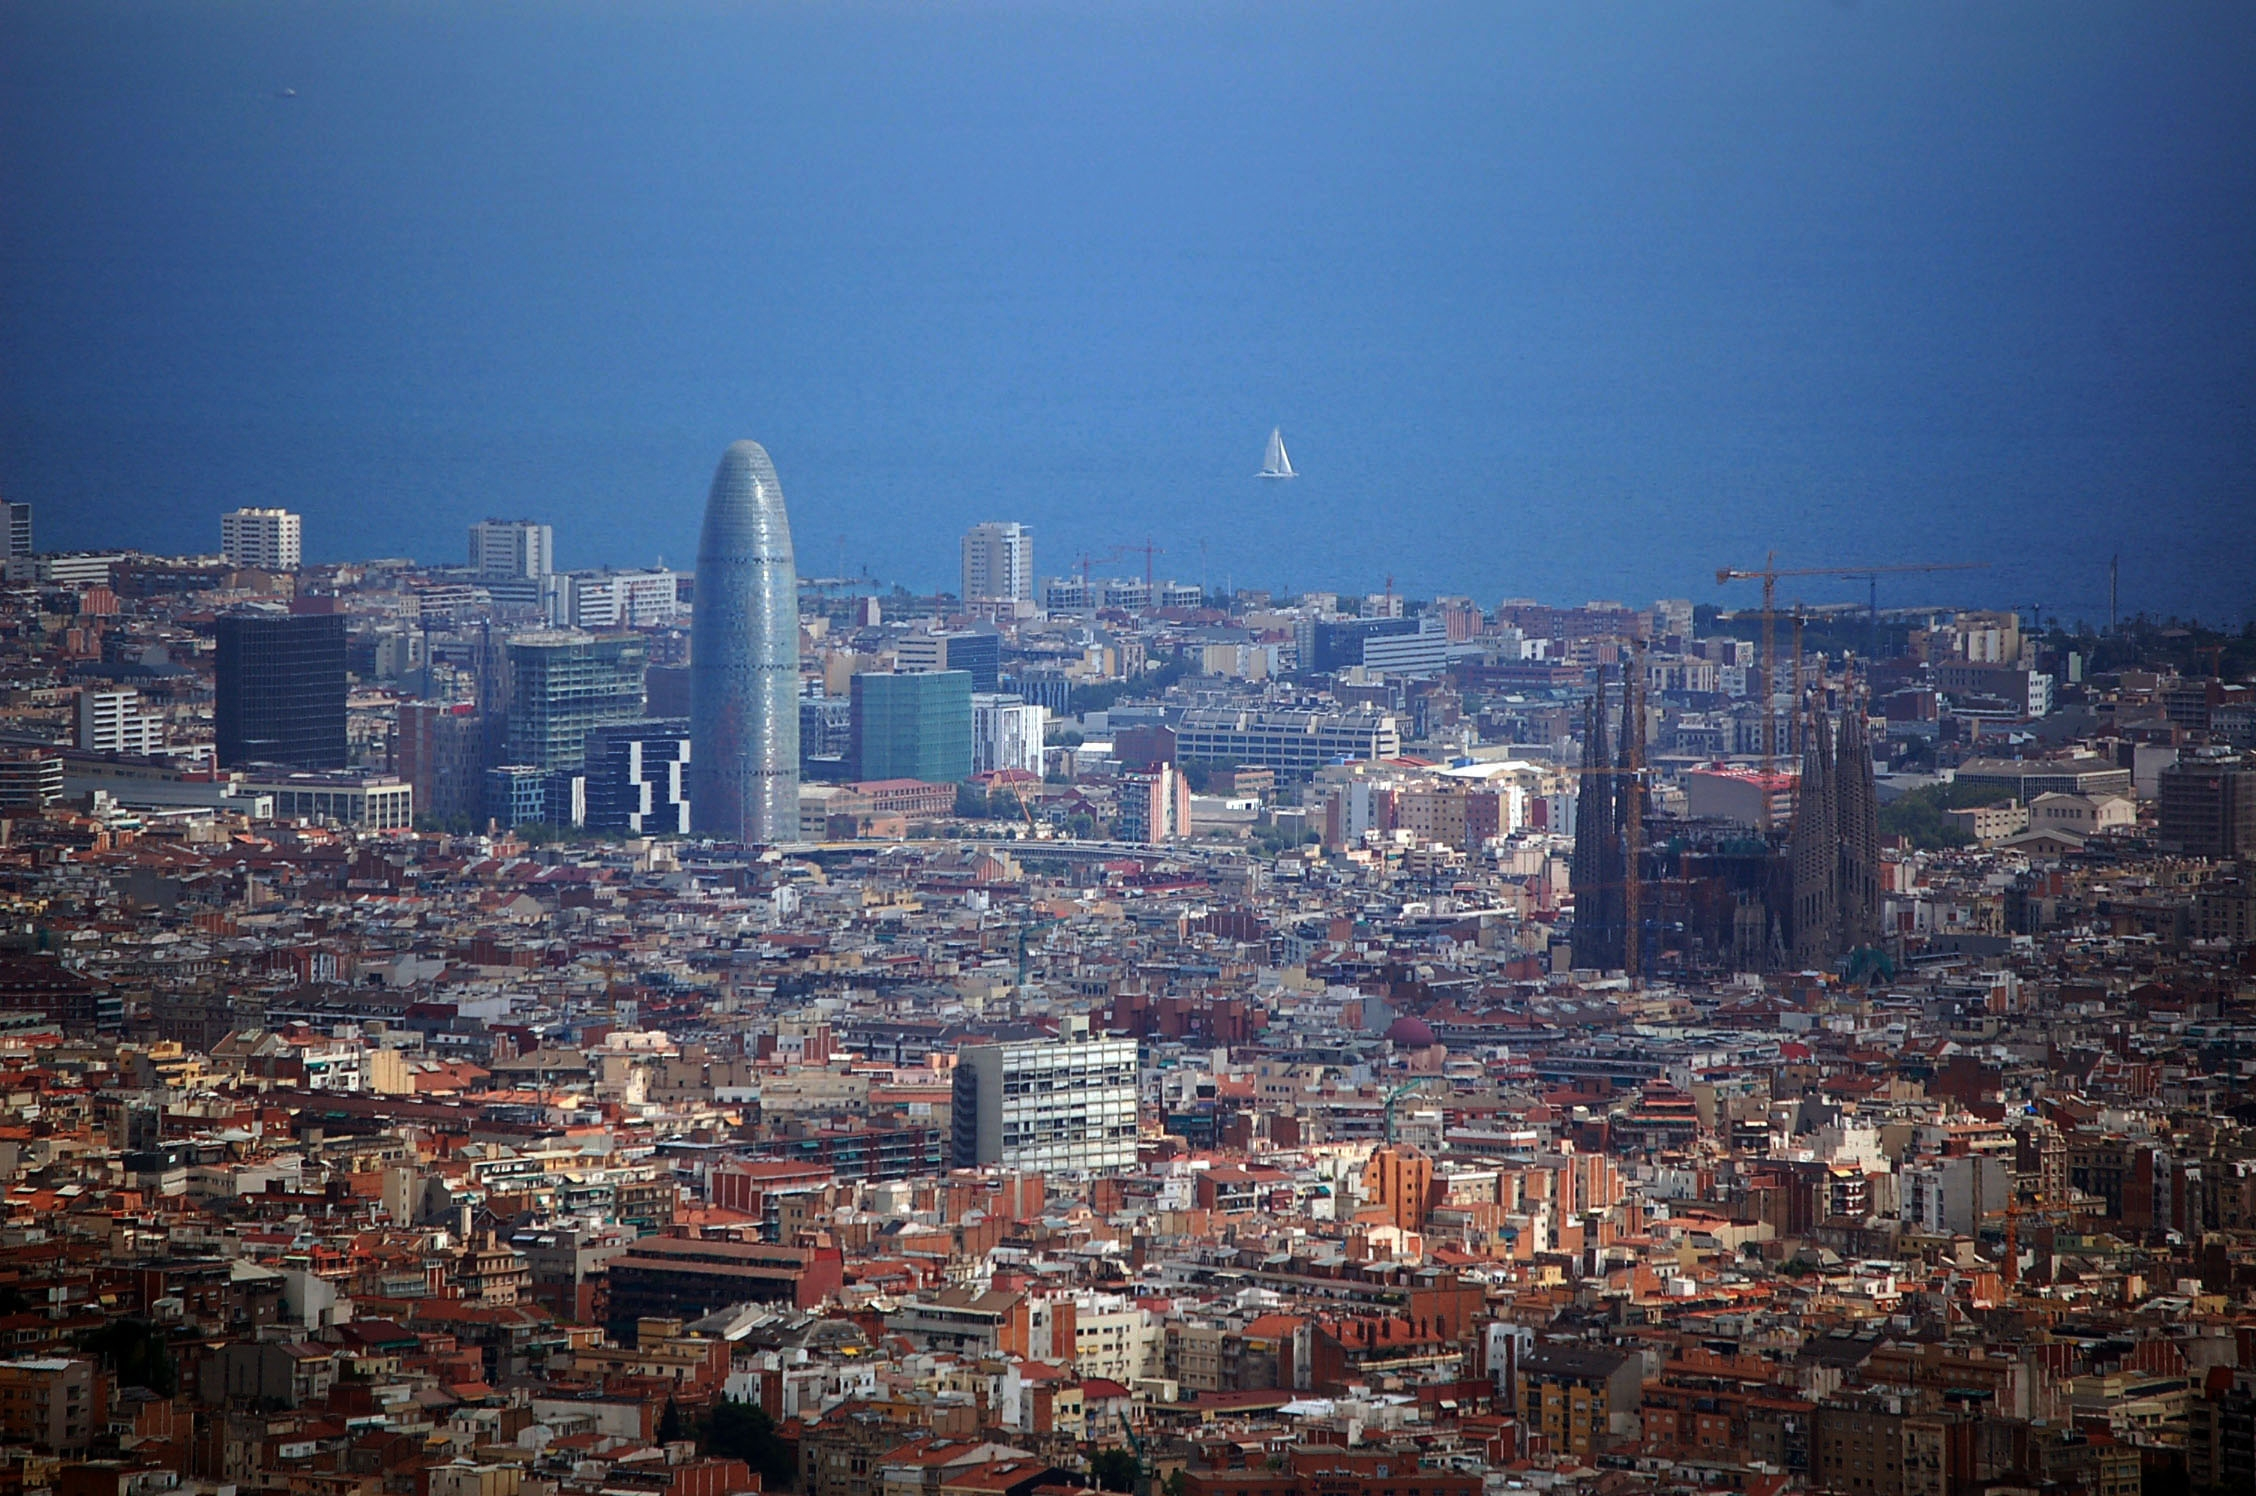 La vuelta a los emergentes, vista aún prematura en la Jornada de Estrategia de Inversis en Barcelona